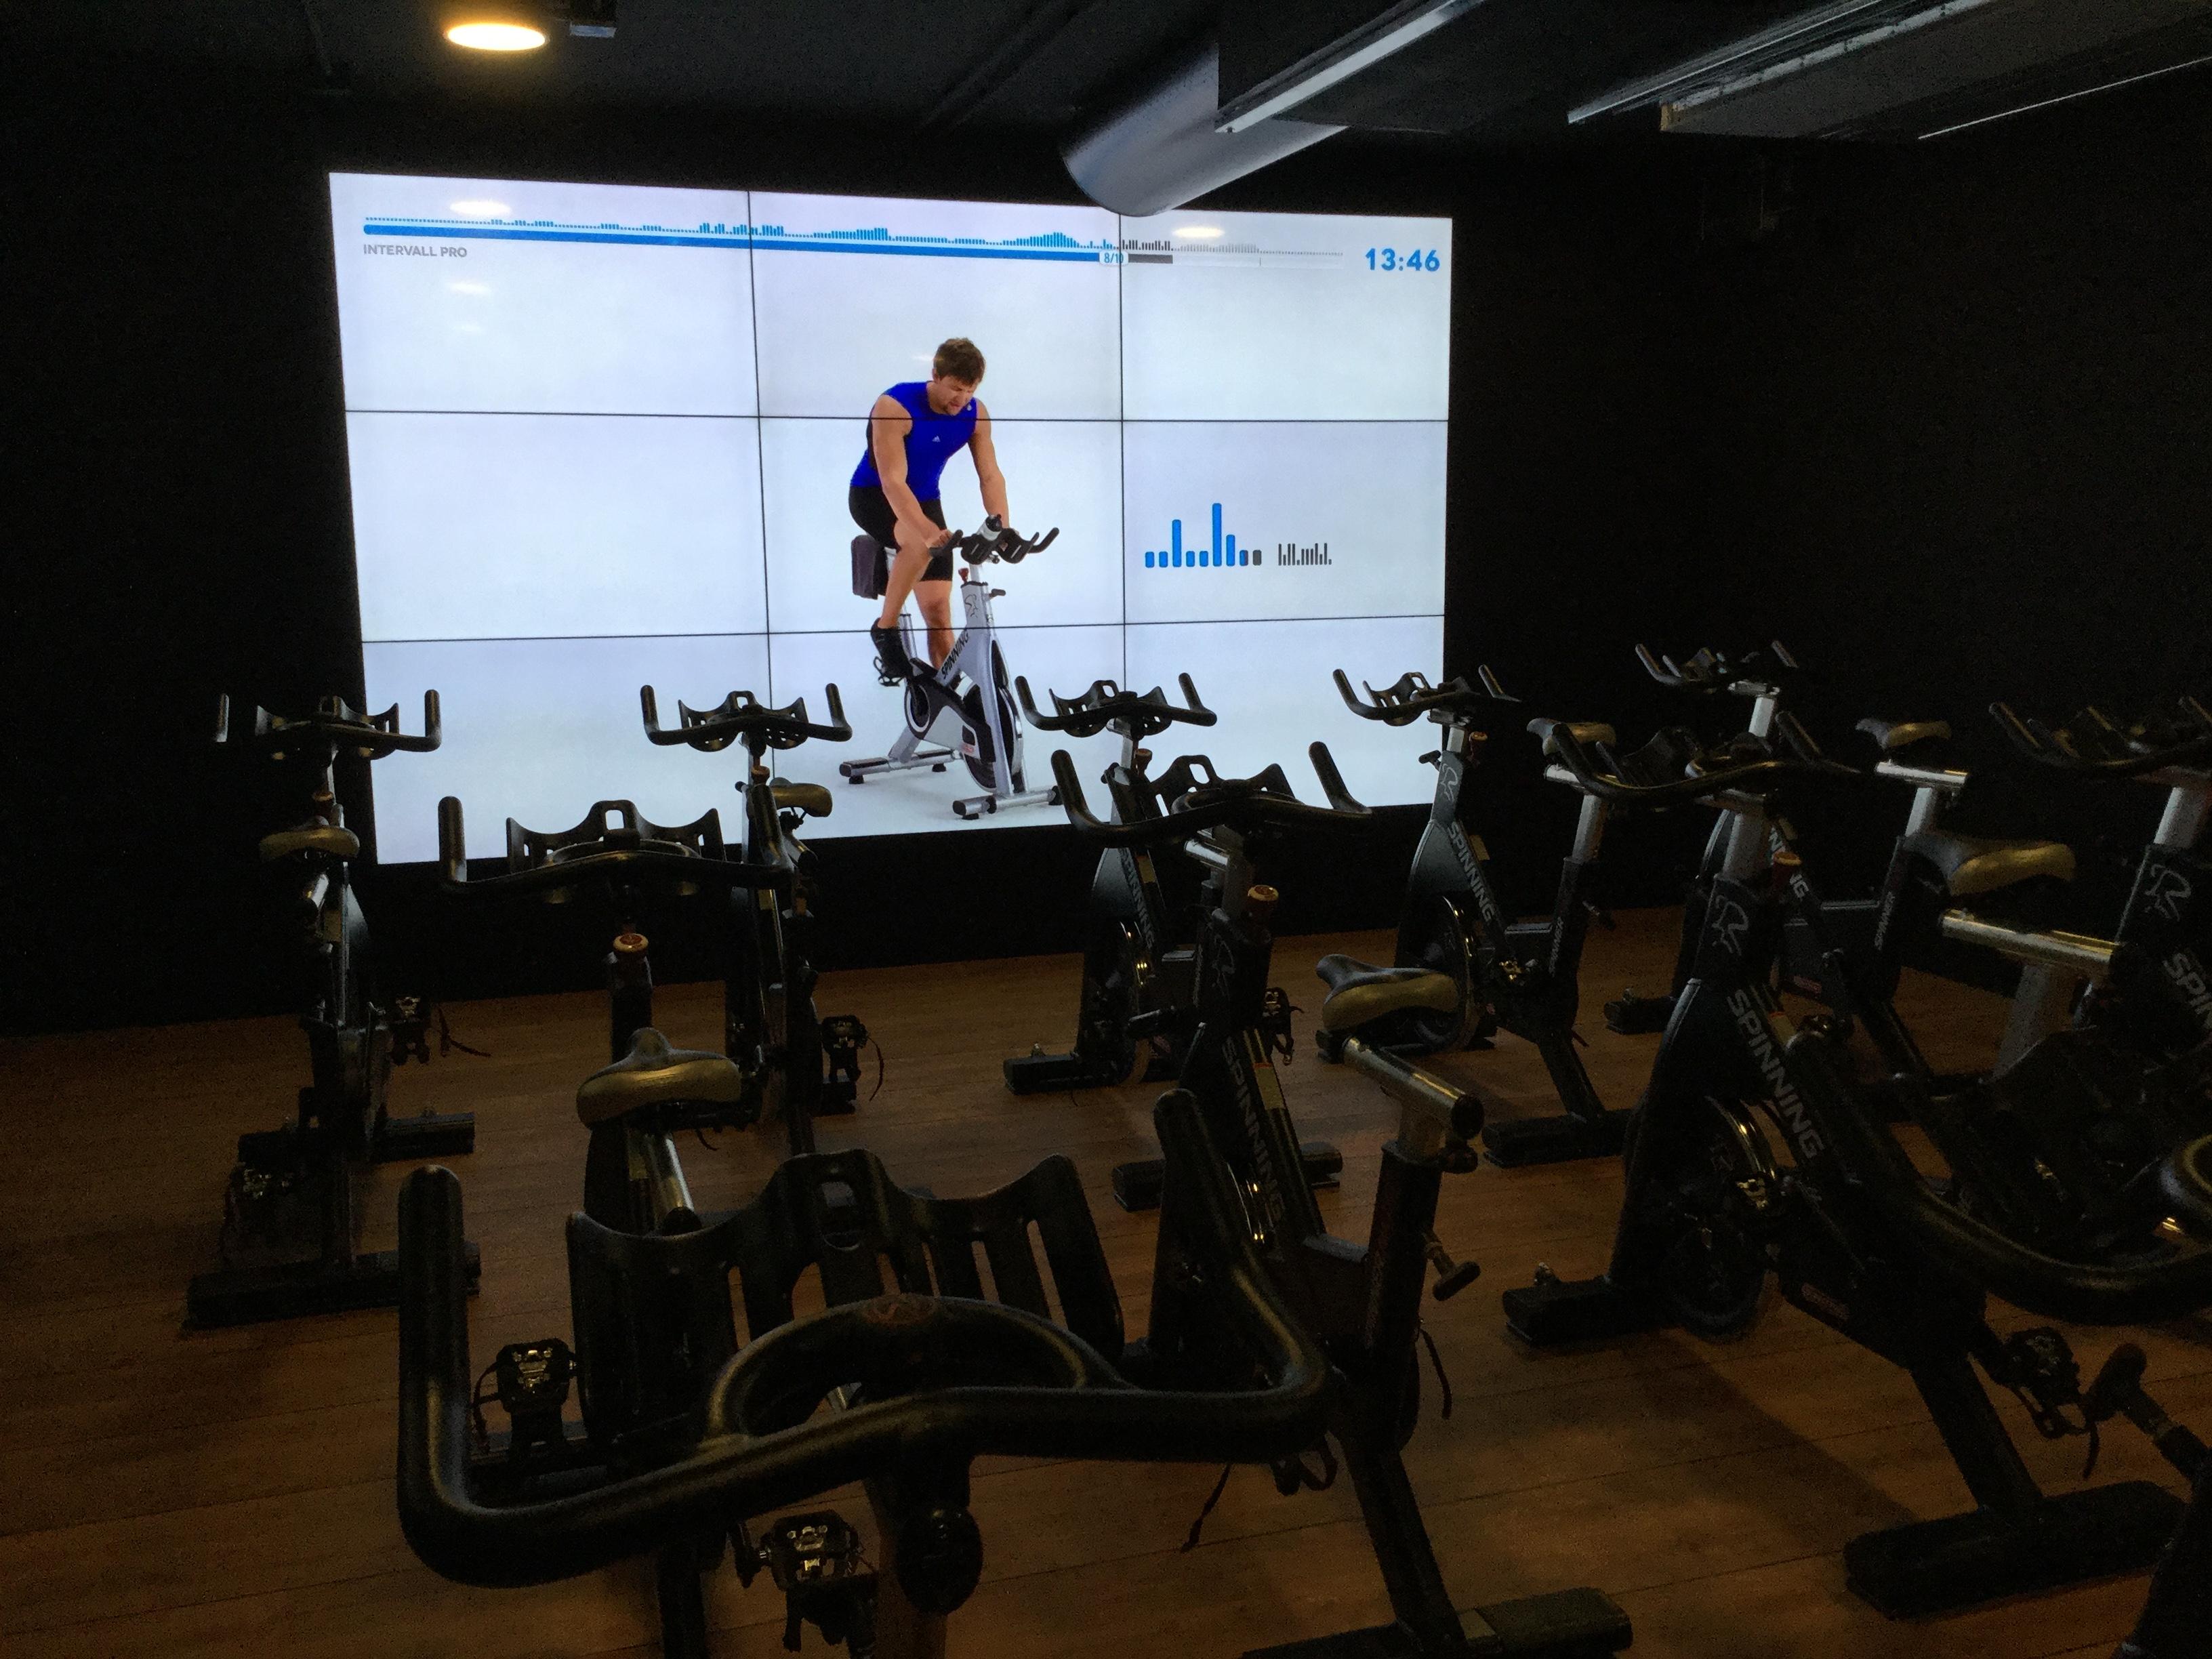 McFIT Napoli, il fitness di tendenza nel centro città.